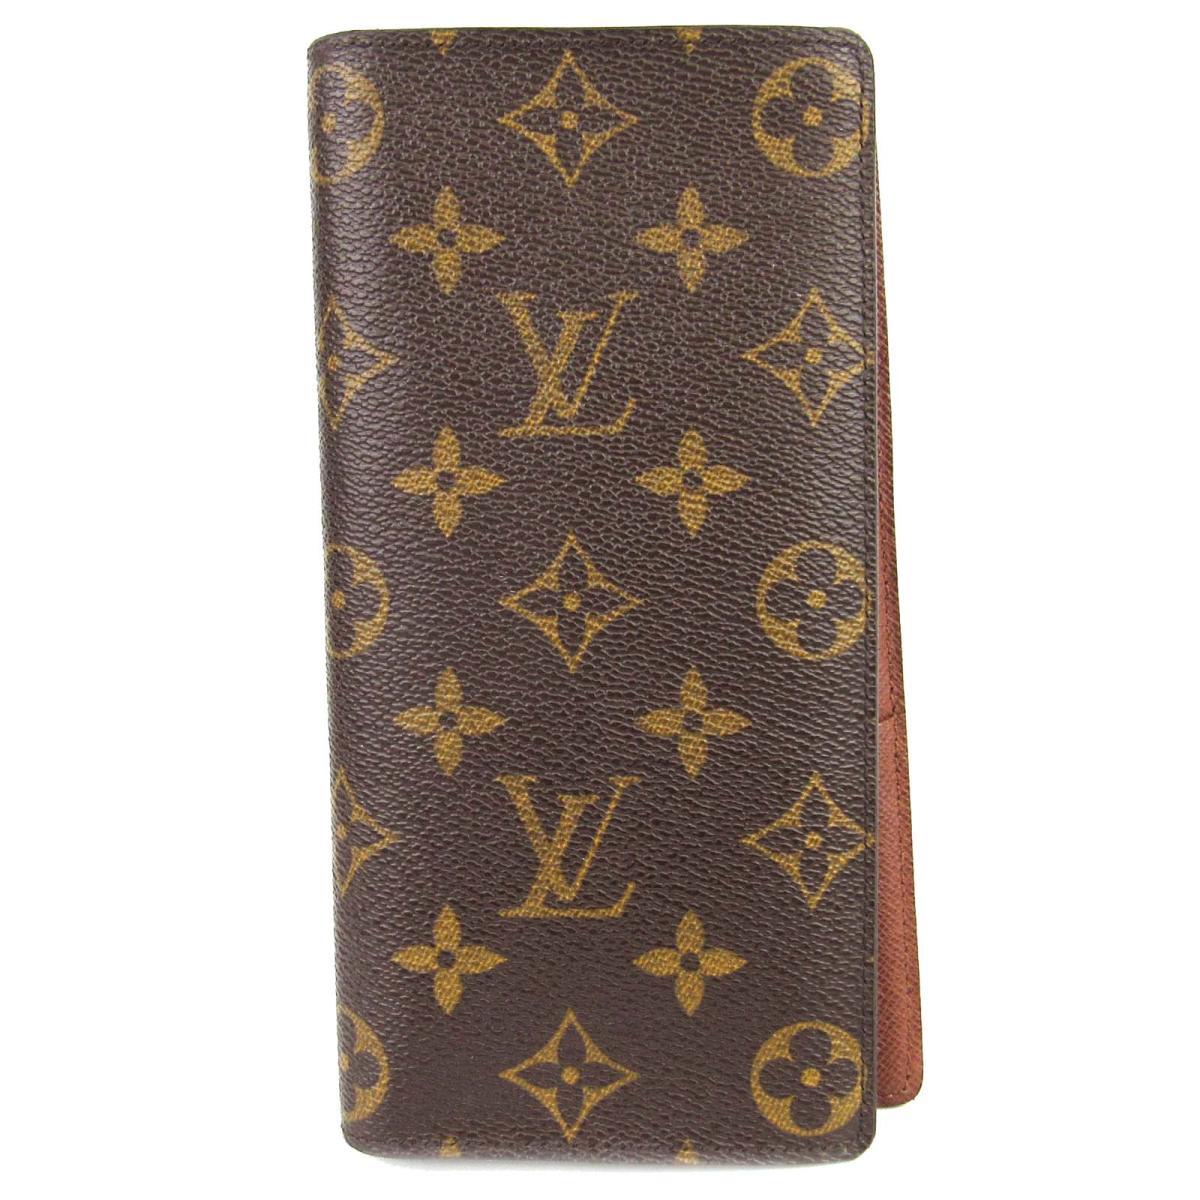 ポルトフォイユ・ブラザ 二つ折長財布 長財布